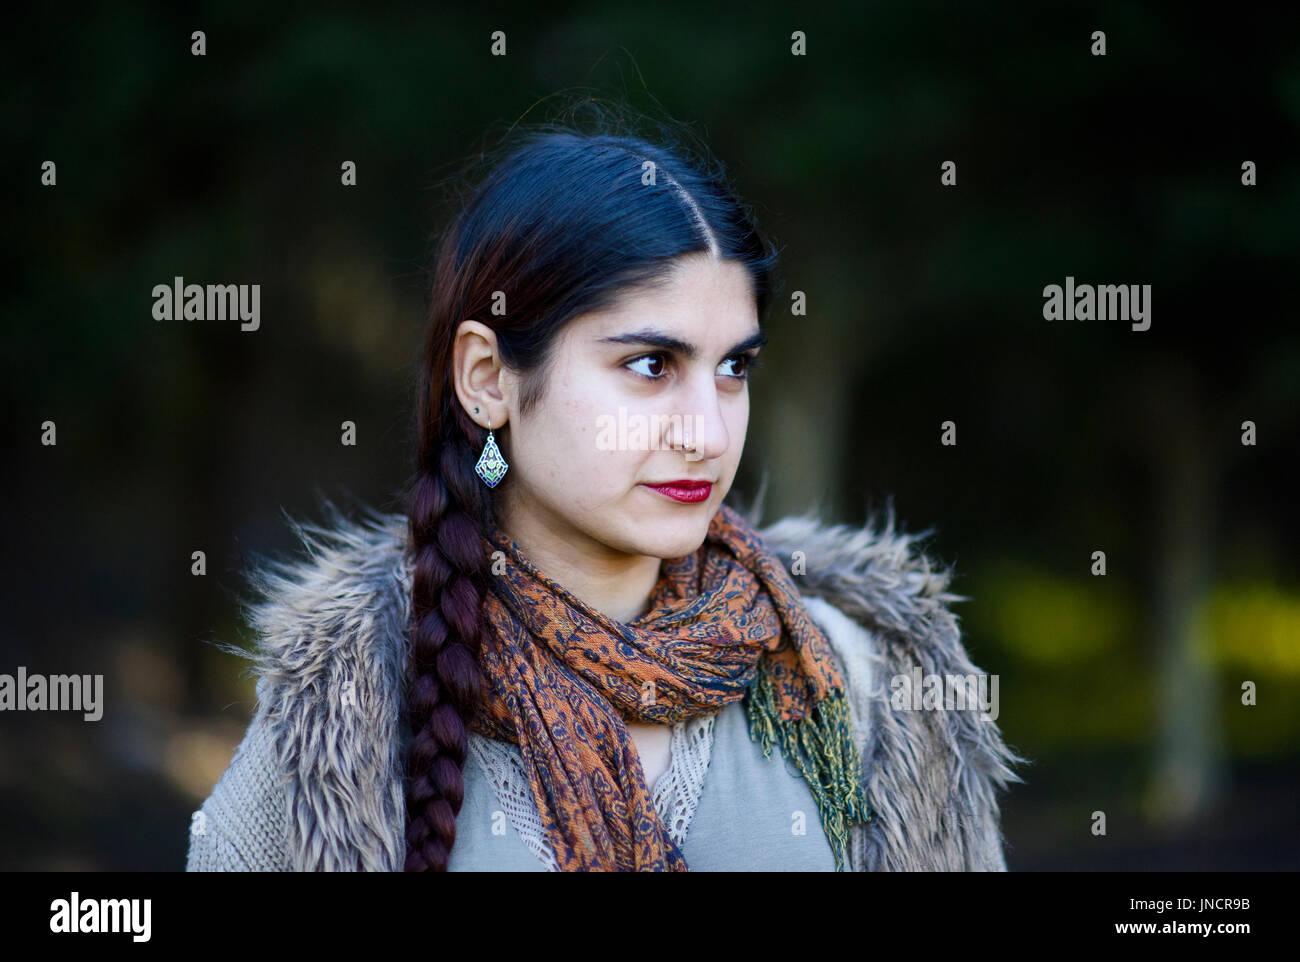 Persisches Mädchen aus Schwarz Fortgeschrittene Dating-Strategien einloggen